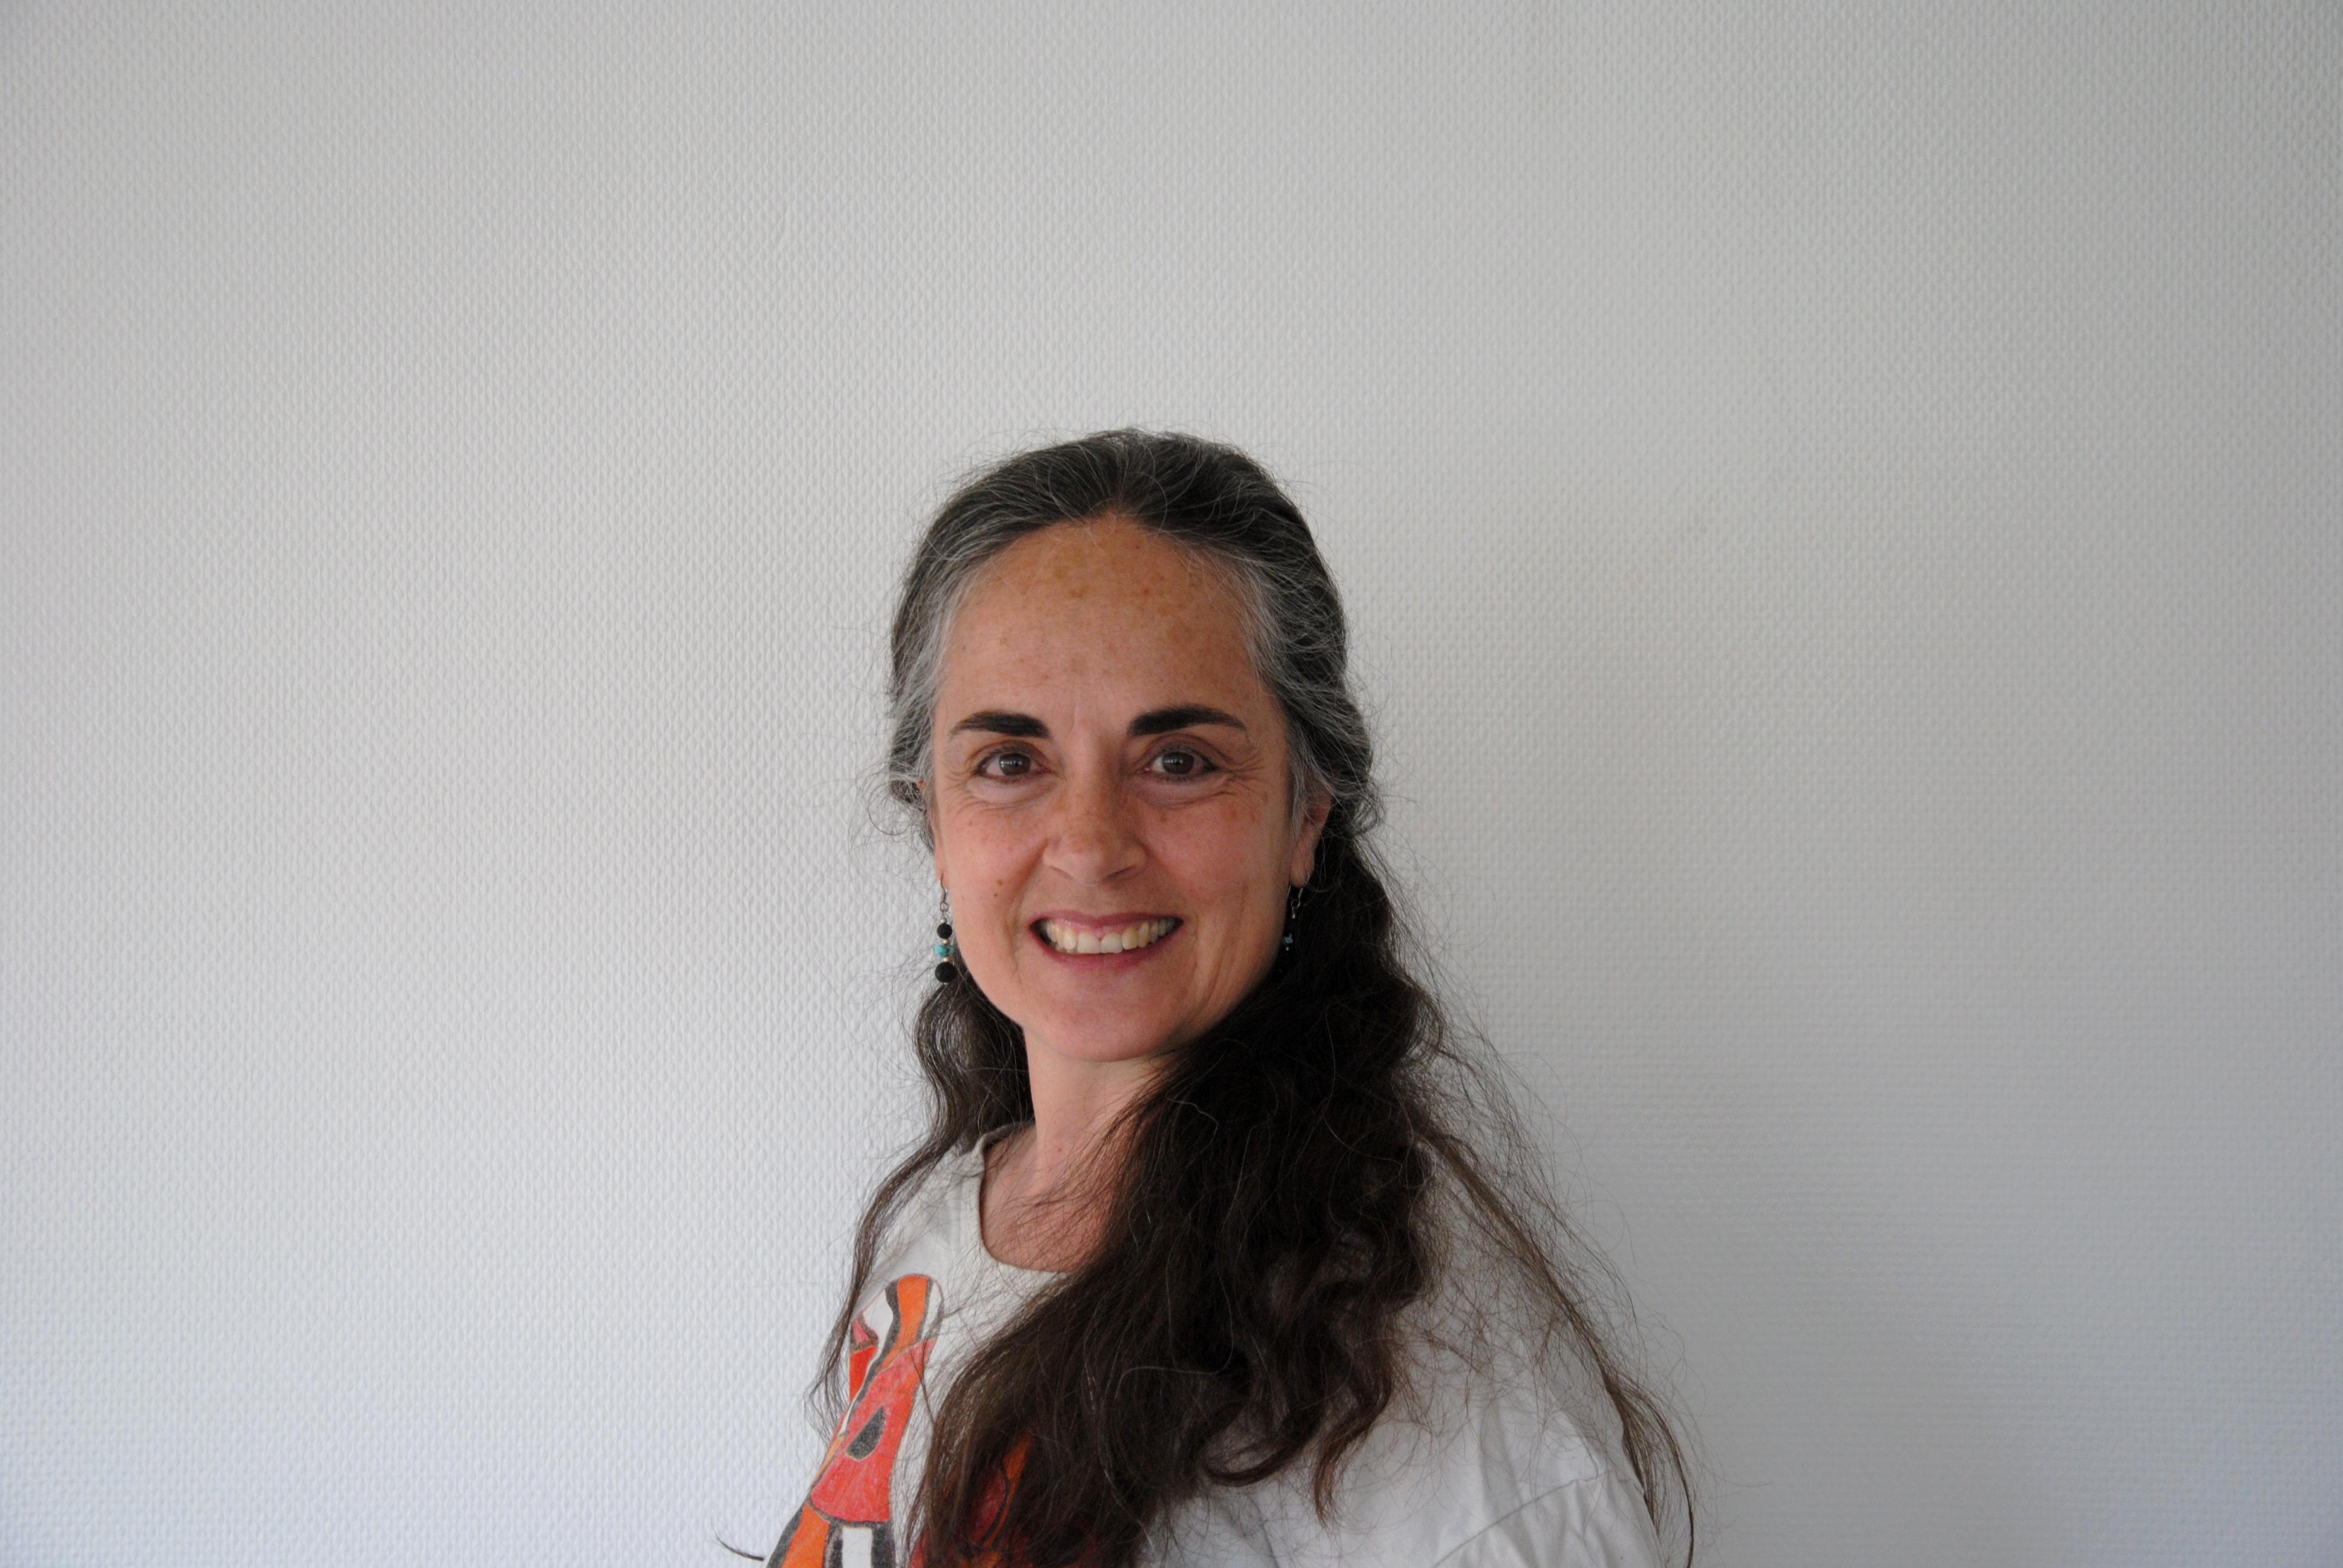 Ana Maria Macias